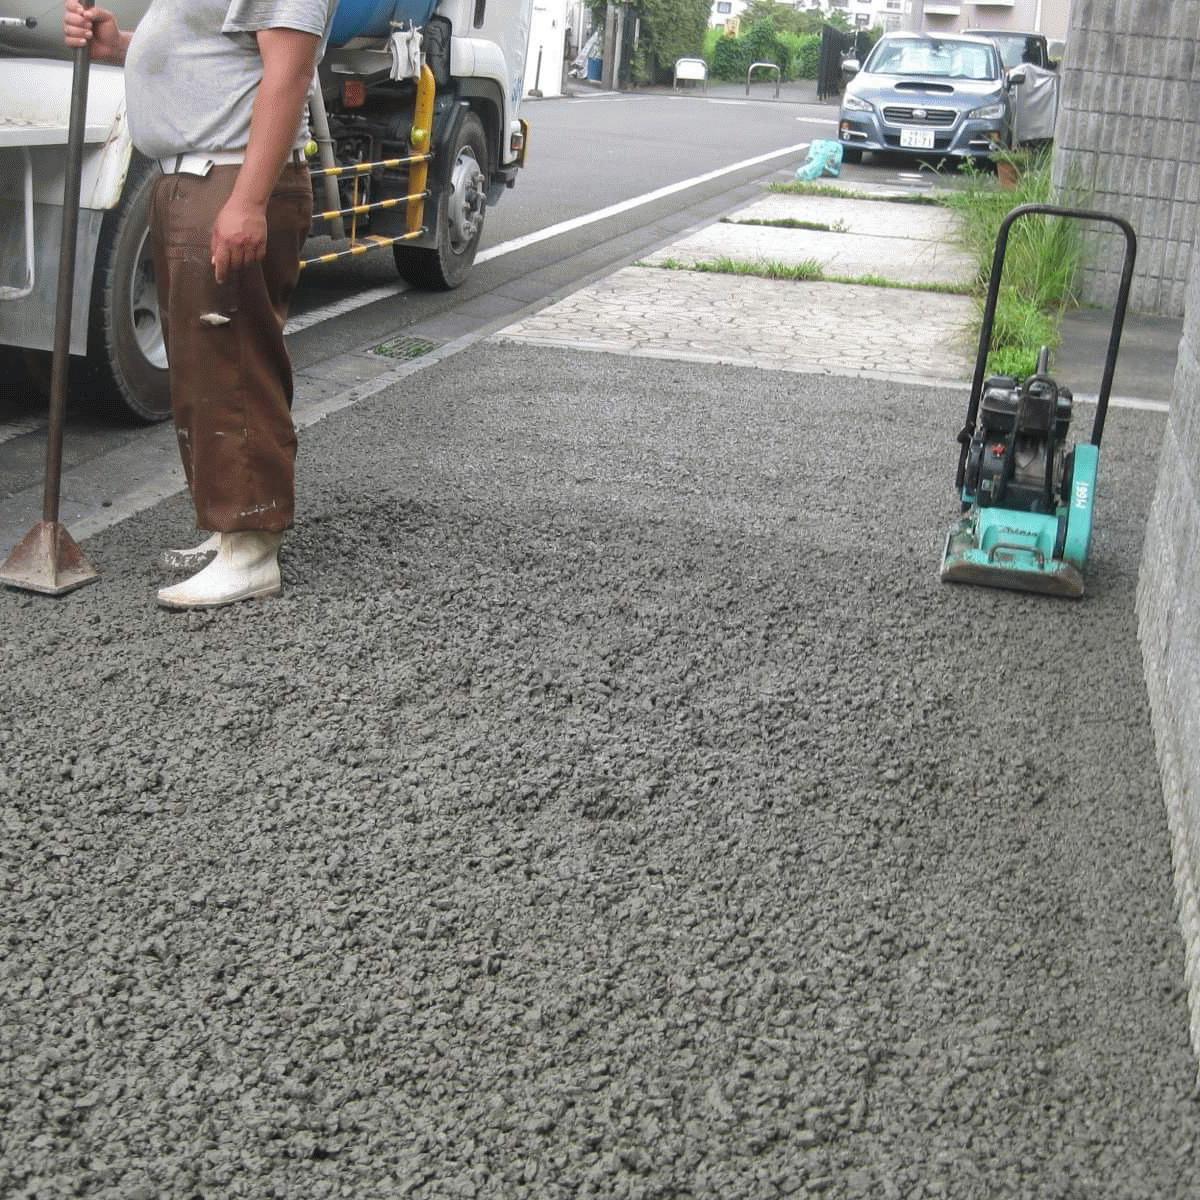 【東京】「土間コンクリートの常識を変える《ガーデンプラス》でも採用が加速」水勾配・雑草・排水